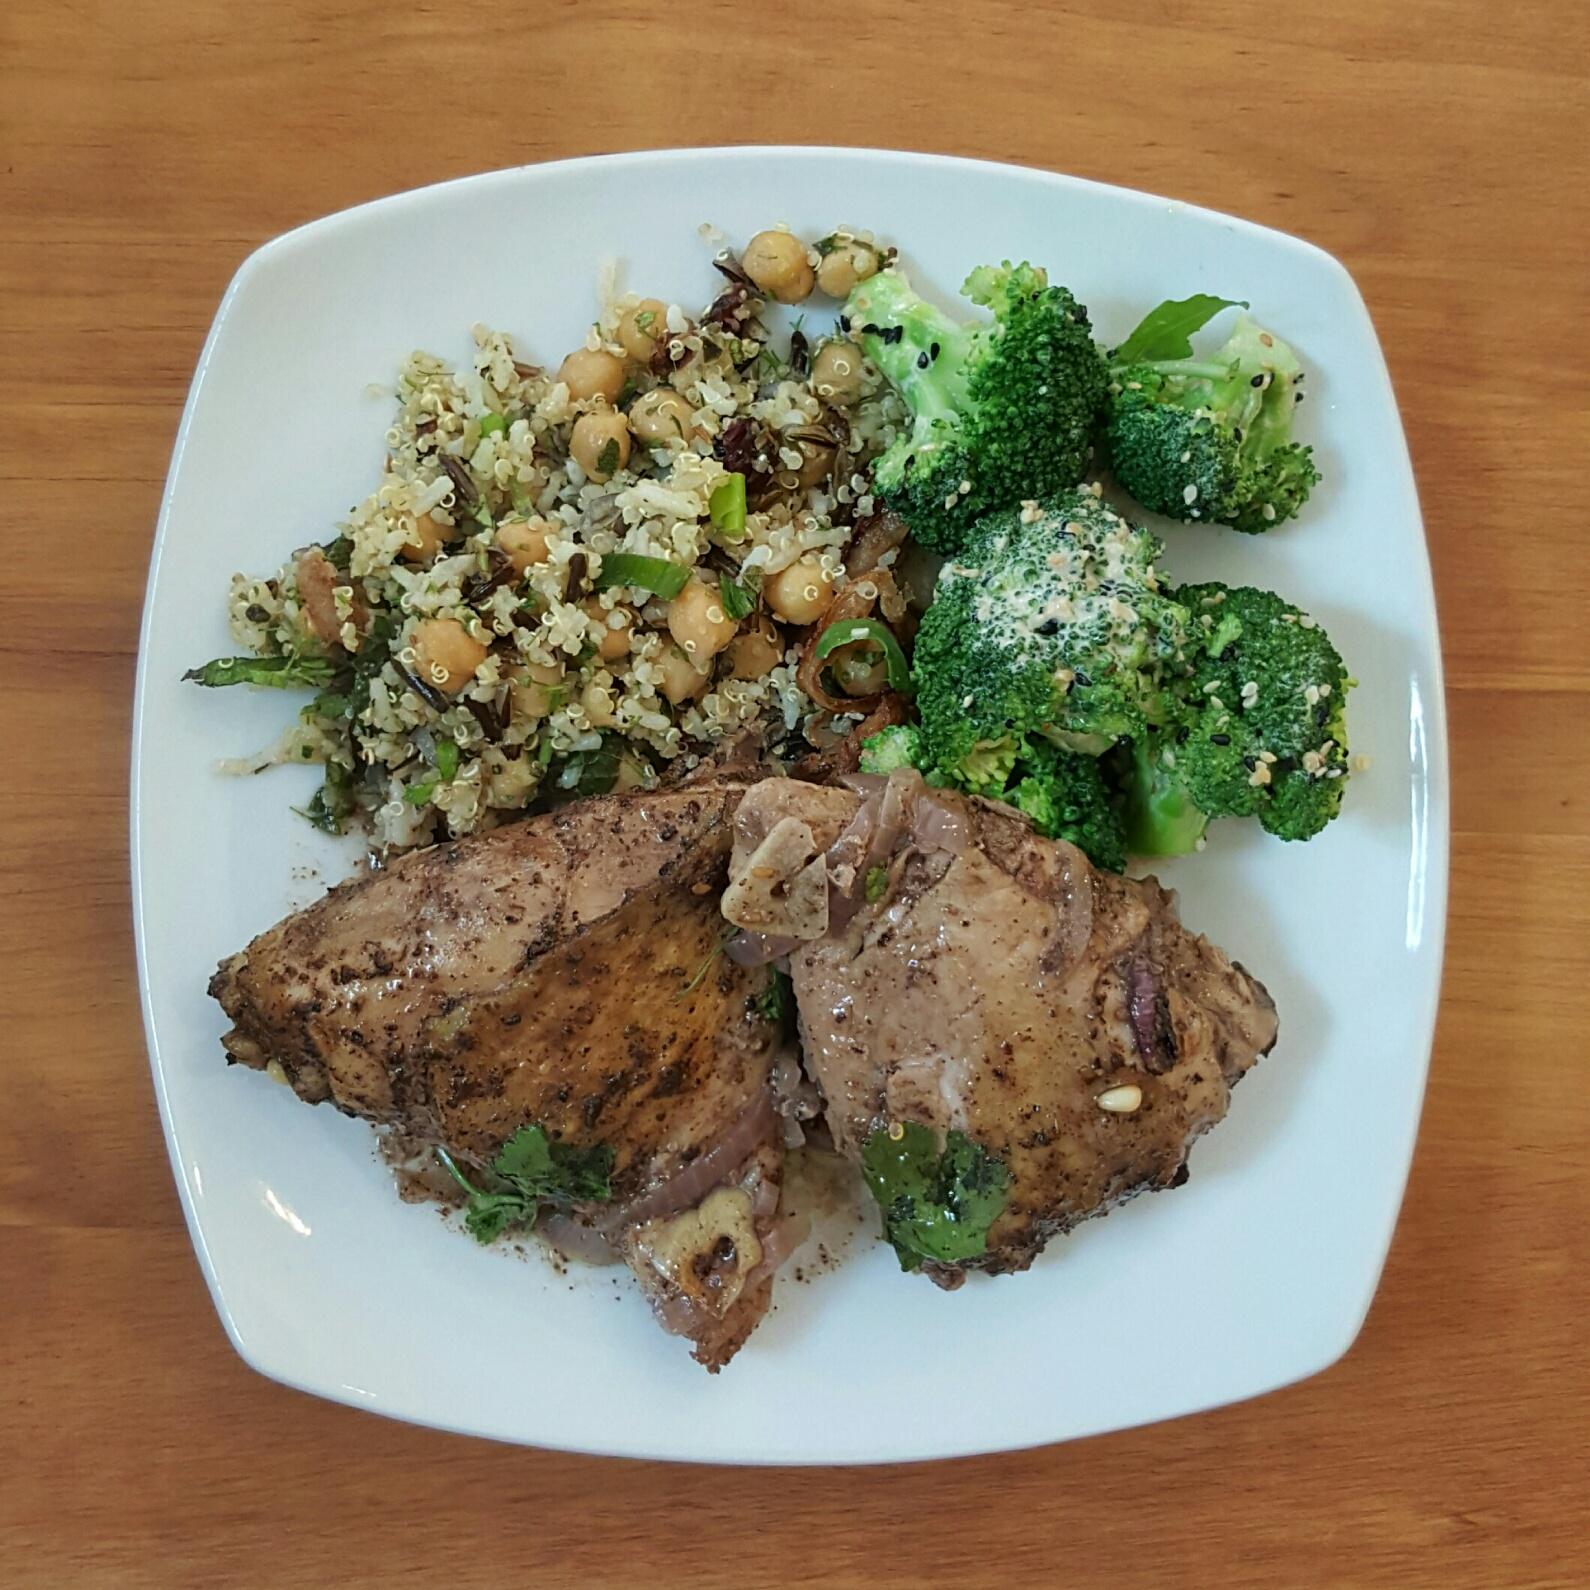 Chicken, broccoli and quinoa salad